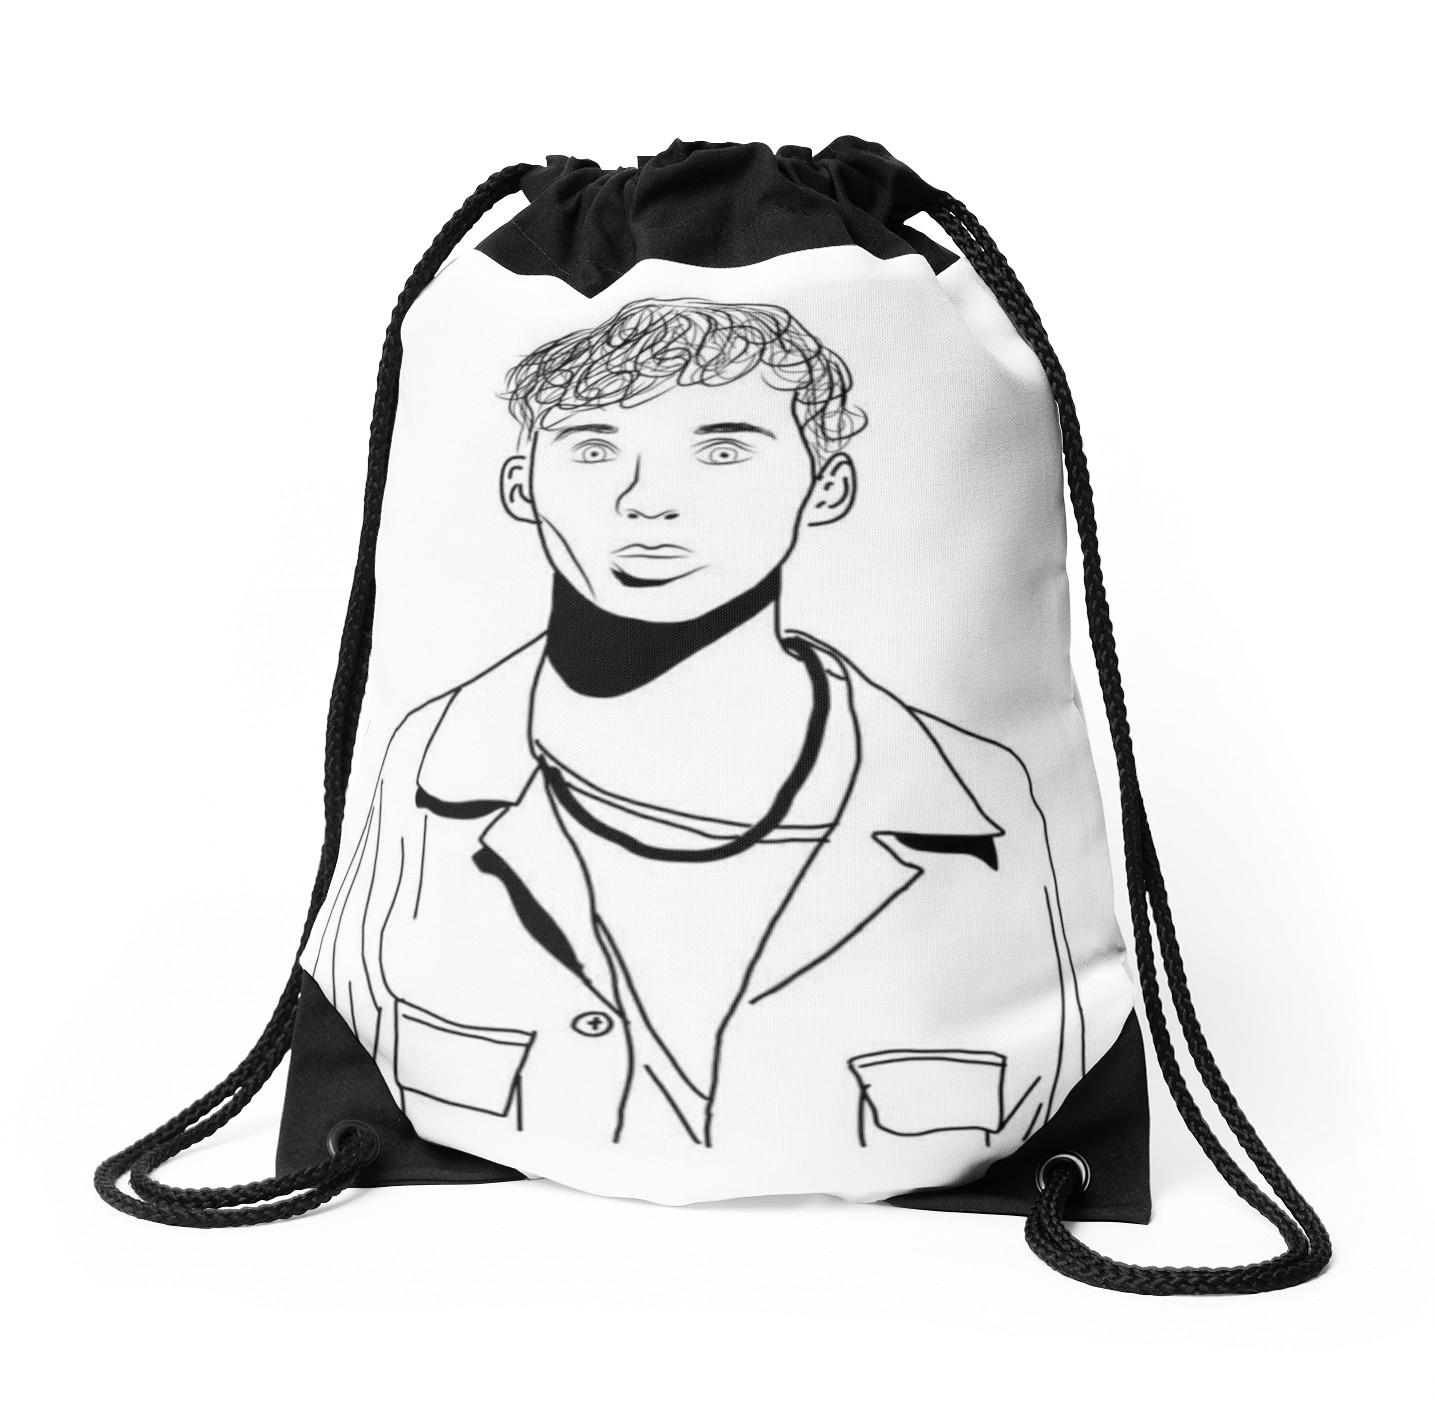 Bag Line Drawing At Getdrawings